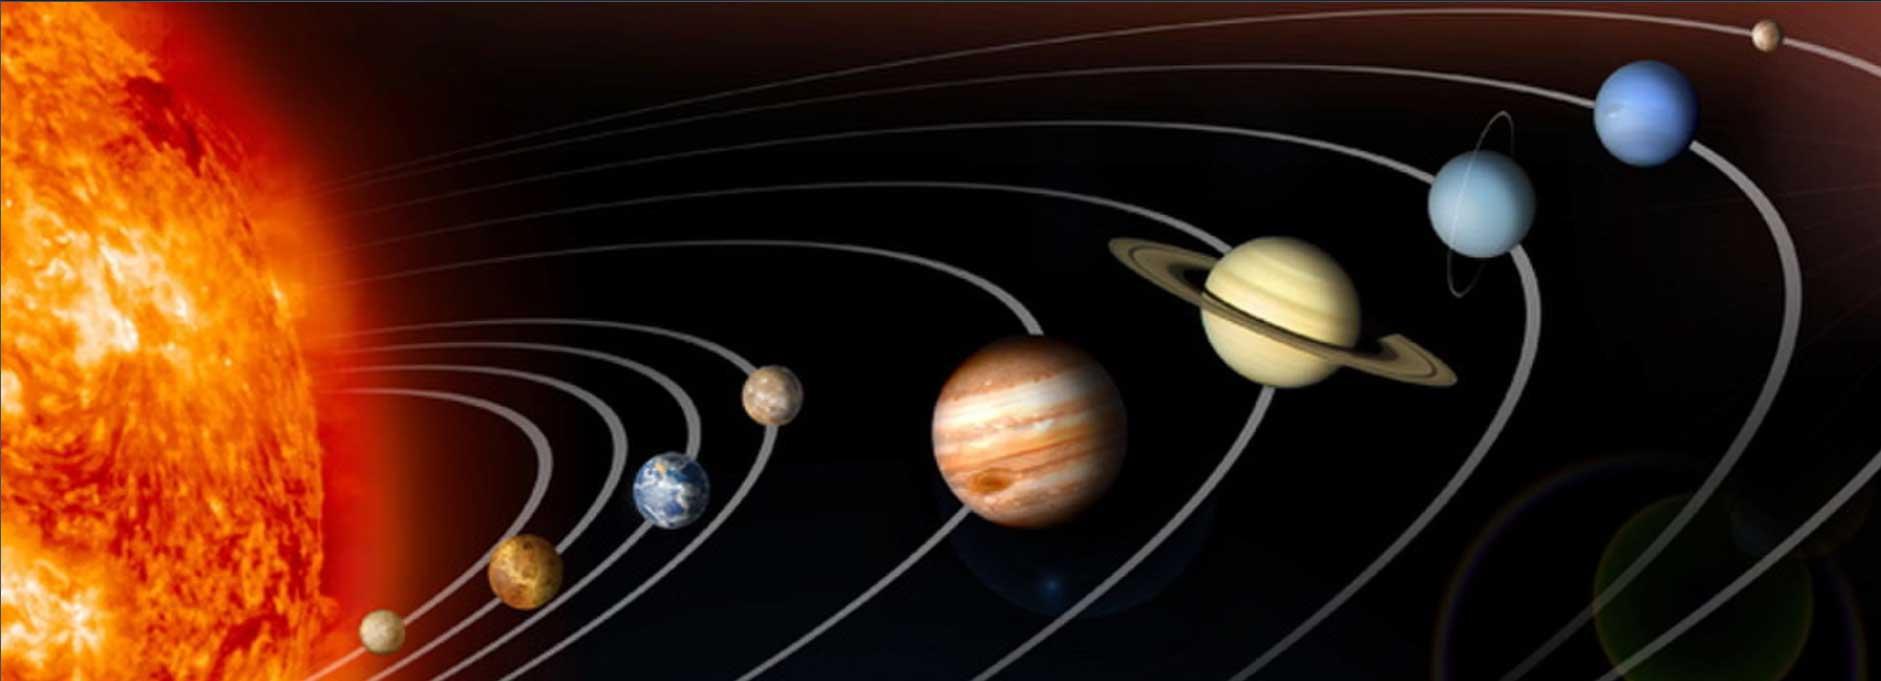 Güneş Sistemindeki Gezegenler ve Özellikleri?fit=thumb&w=418&h=152&q=80